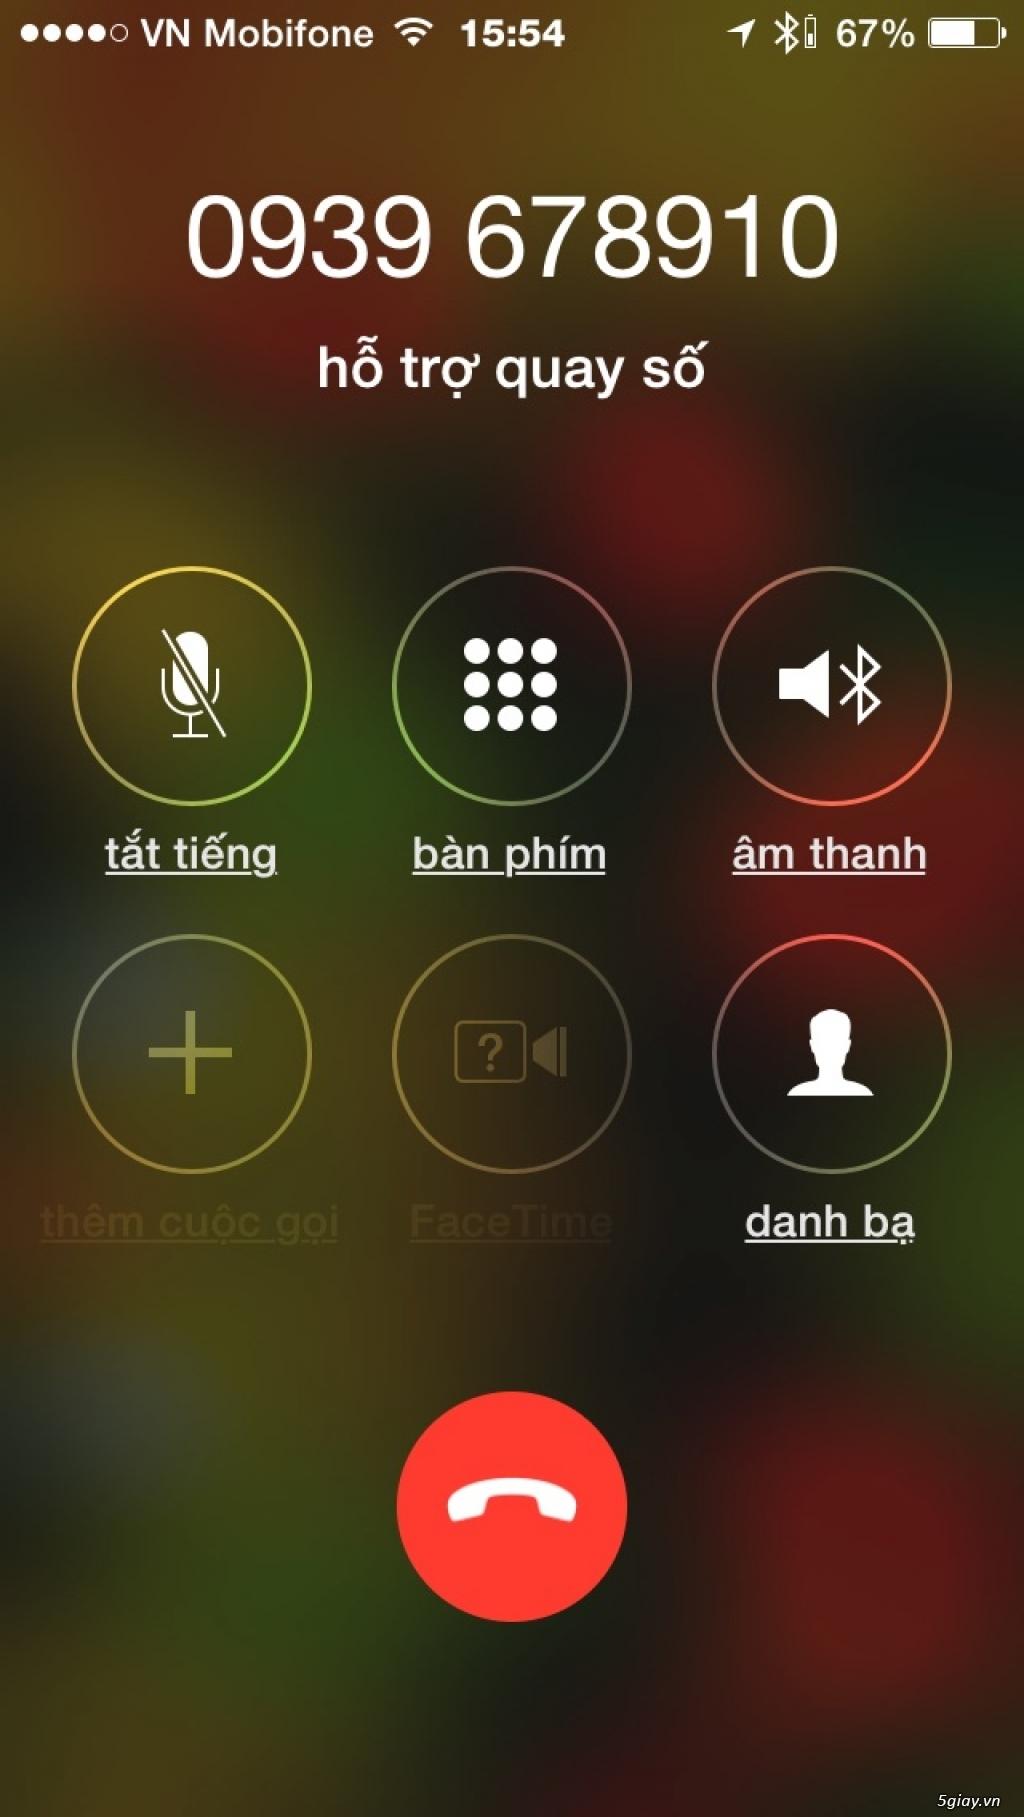 Tiến đỉnh đầu Thần tài 0939 6 7 8 9 10 làm Hotline.. - 1